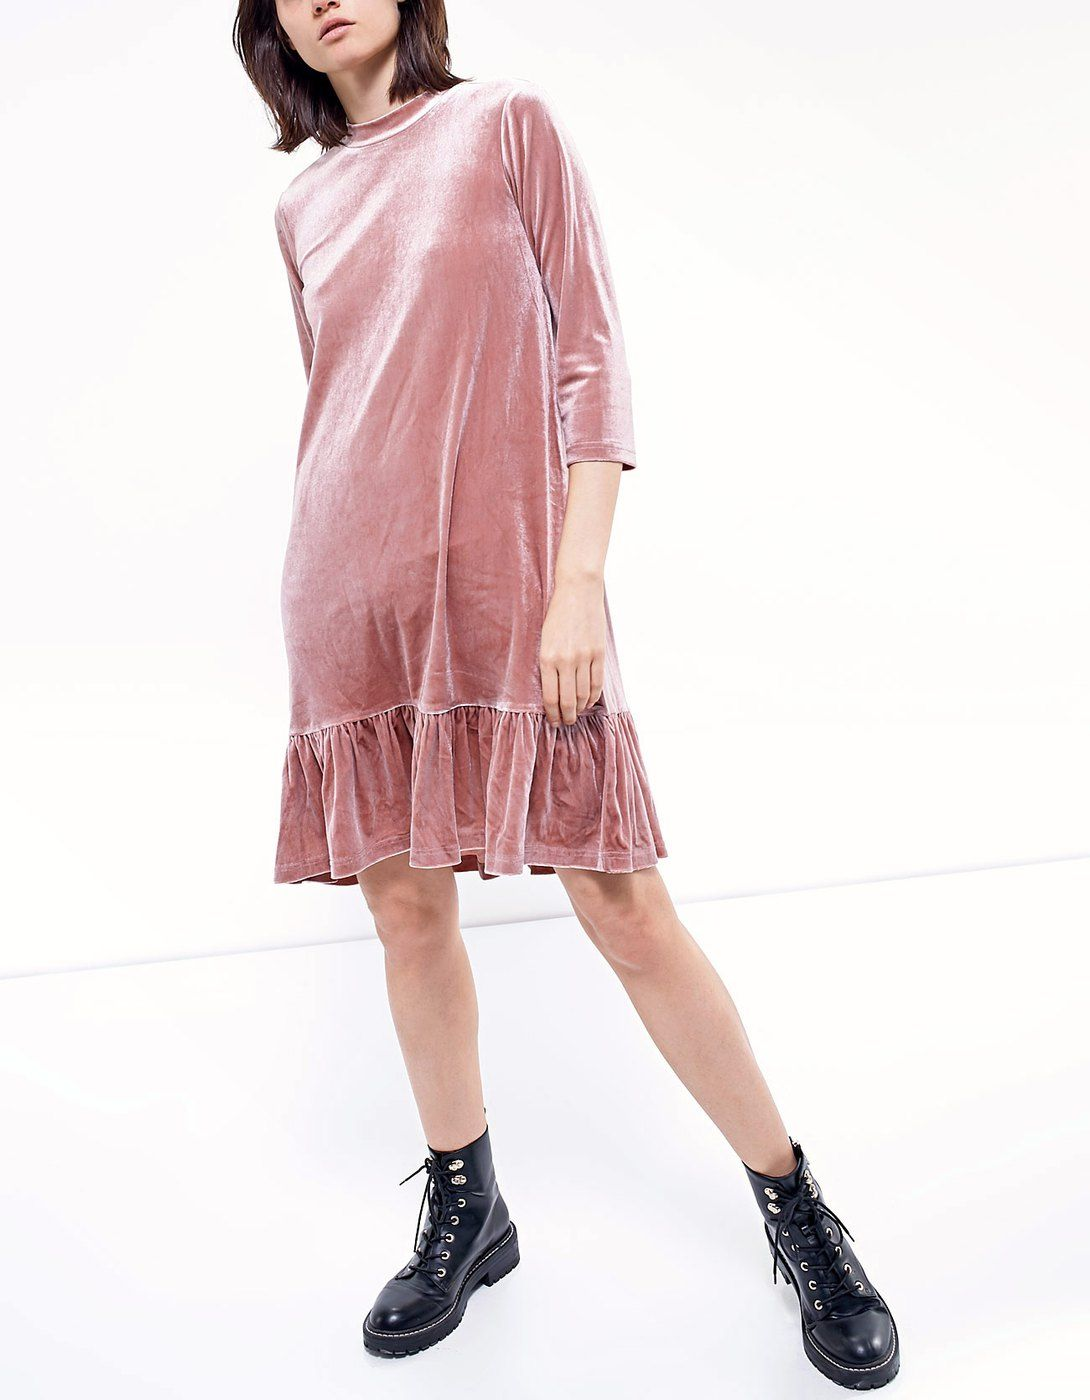 715b370c92 Velvet dress - Dresses